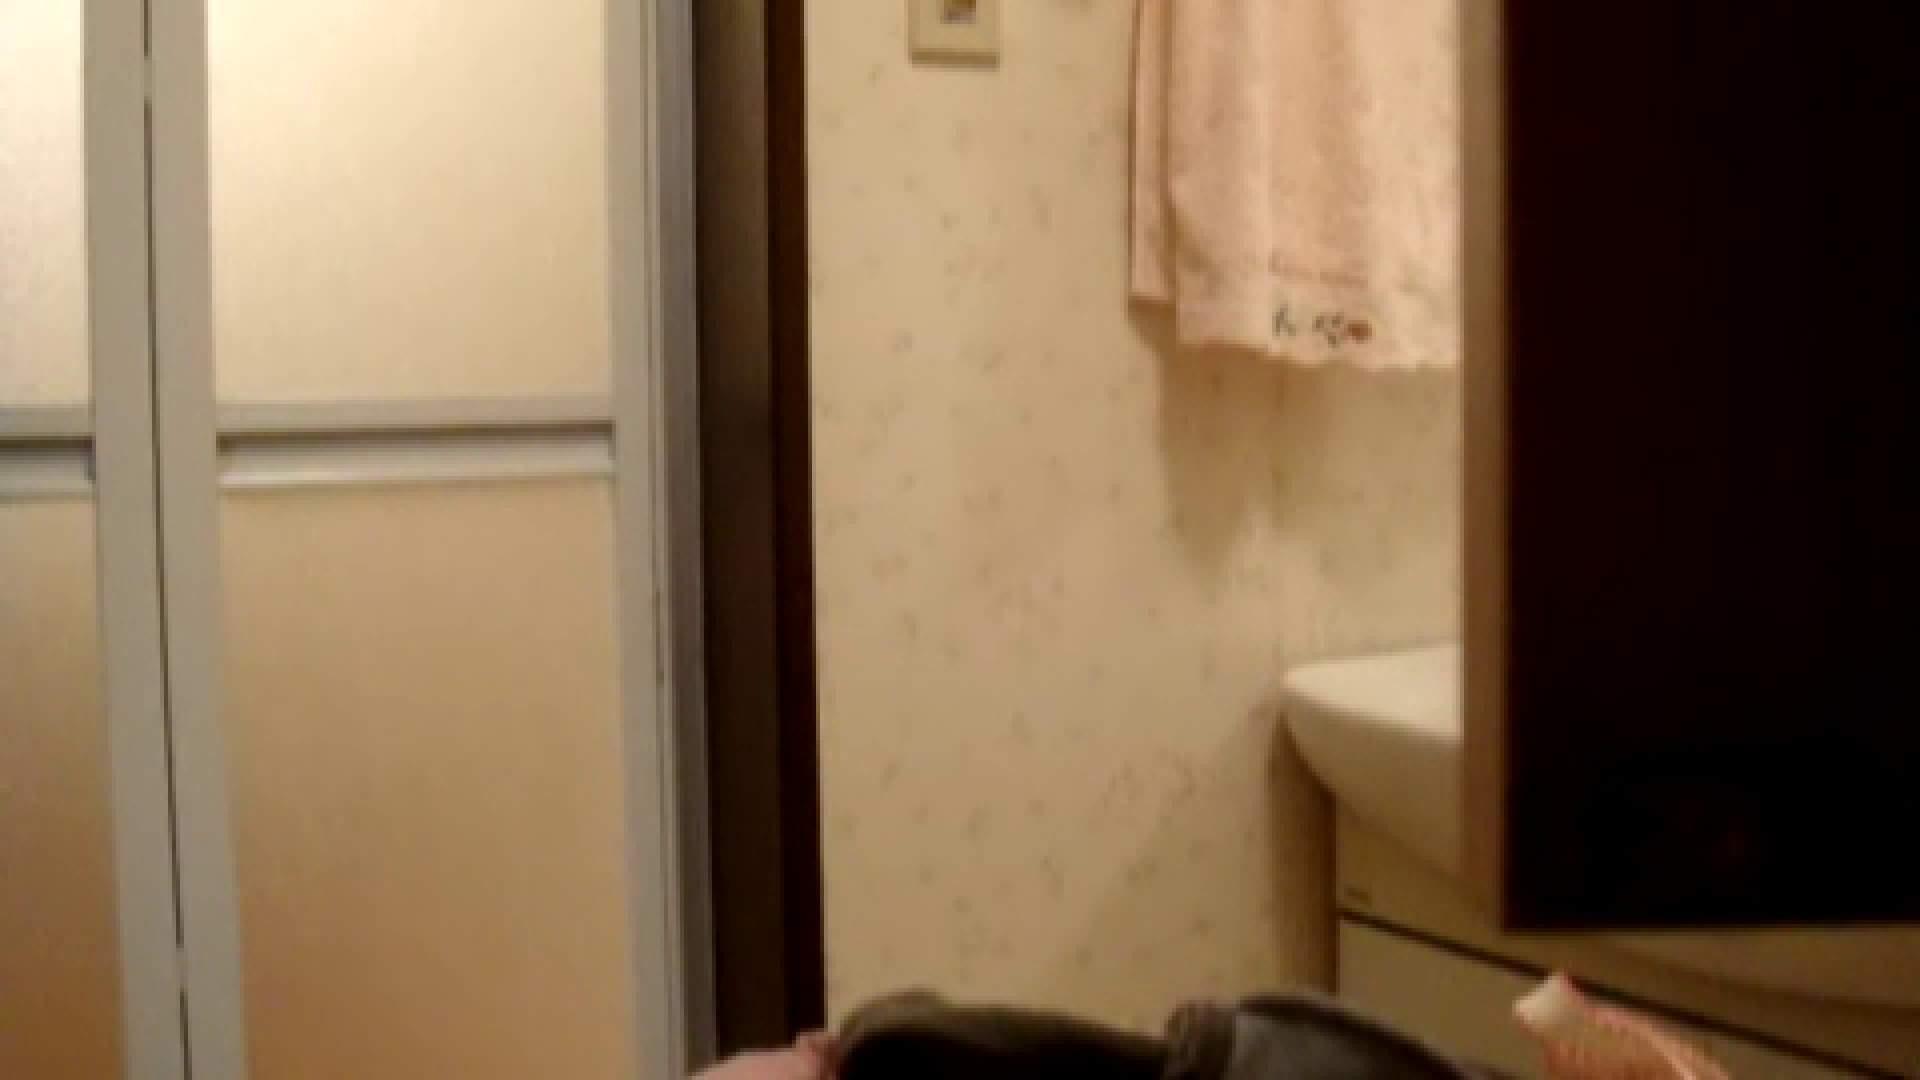 二人とも育てた甲斐がありました… vol.08 まどかの入浴中にカメラに気付いたか!? OLのエロ生活   ギャル入浴  71連発 49